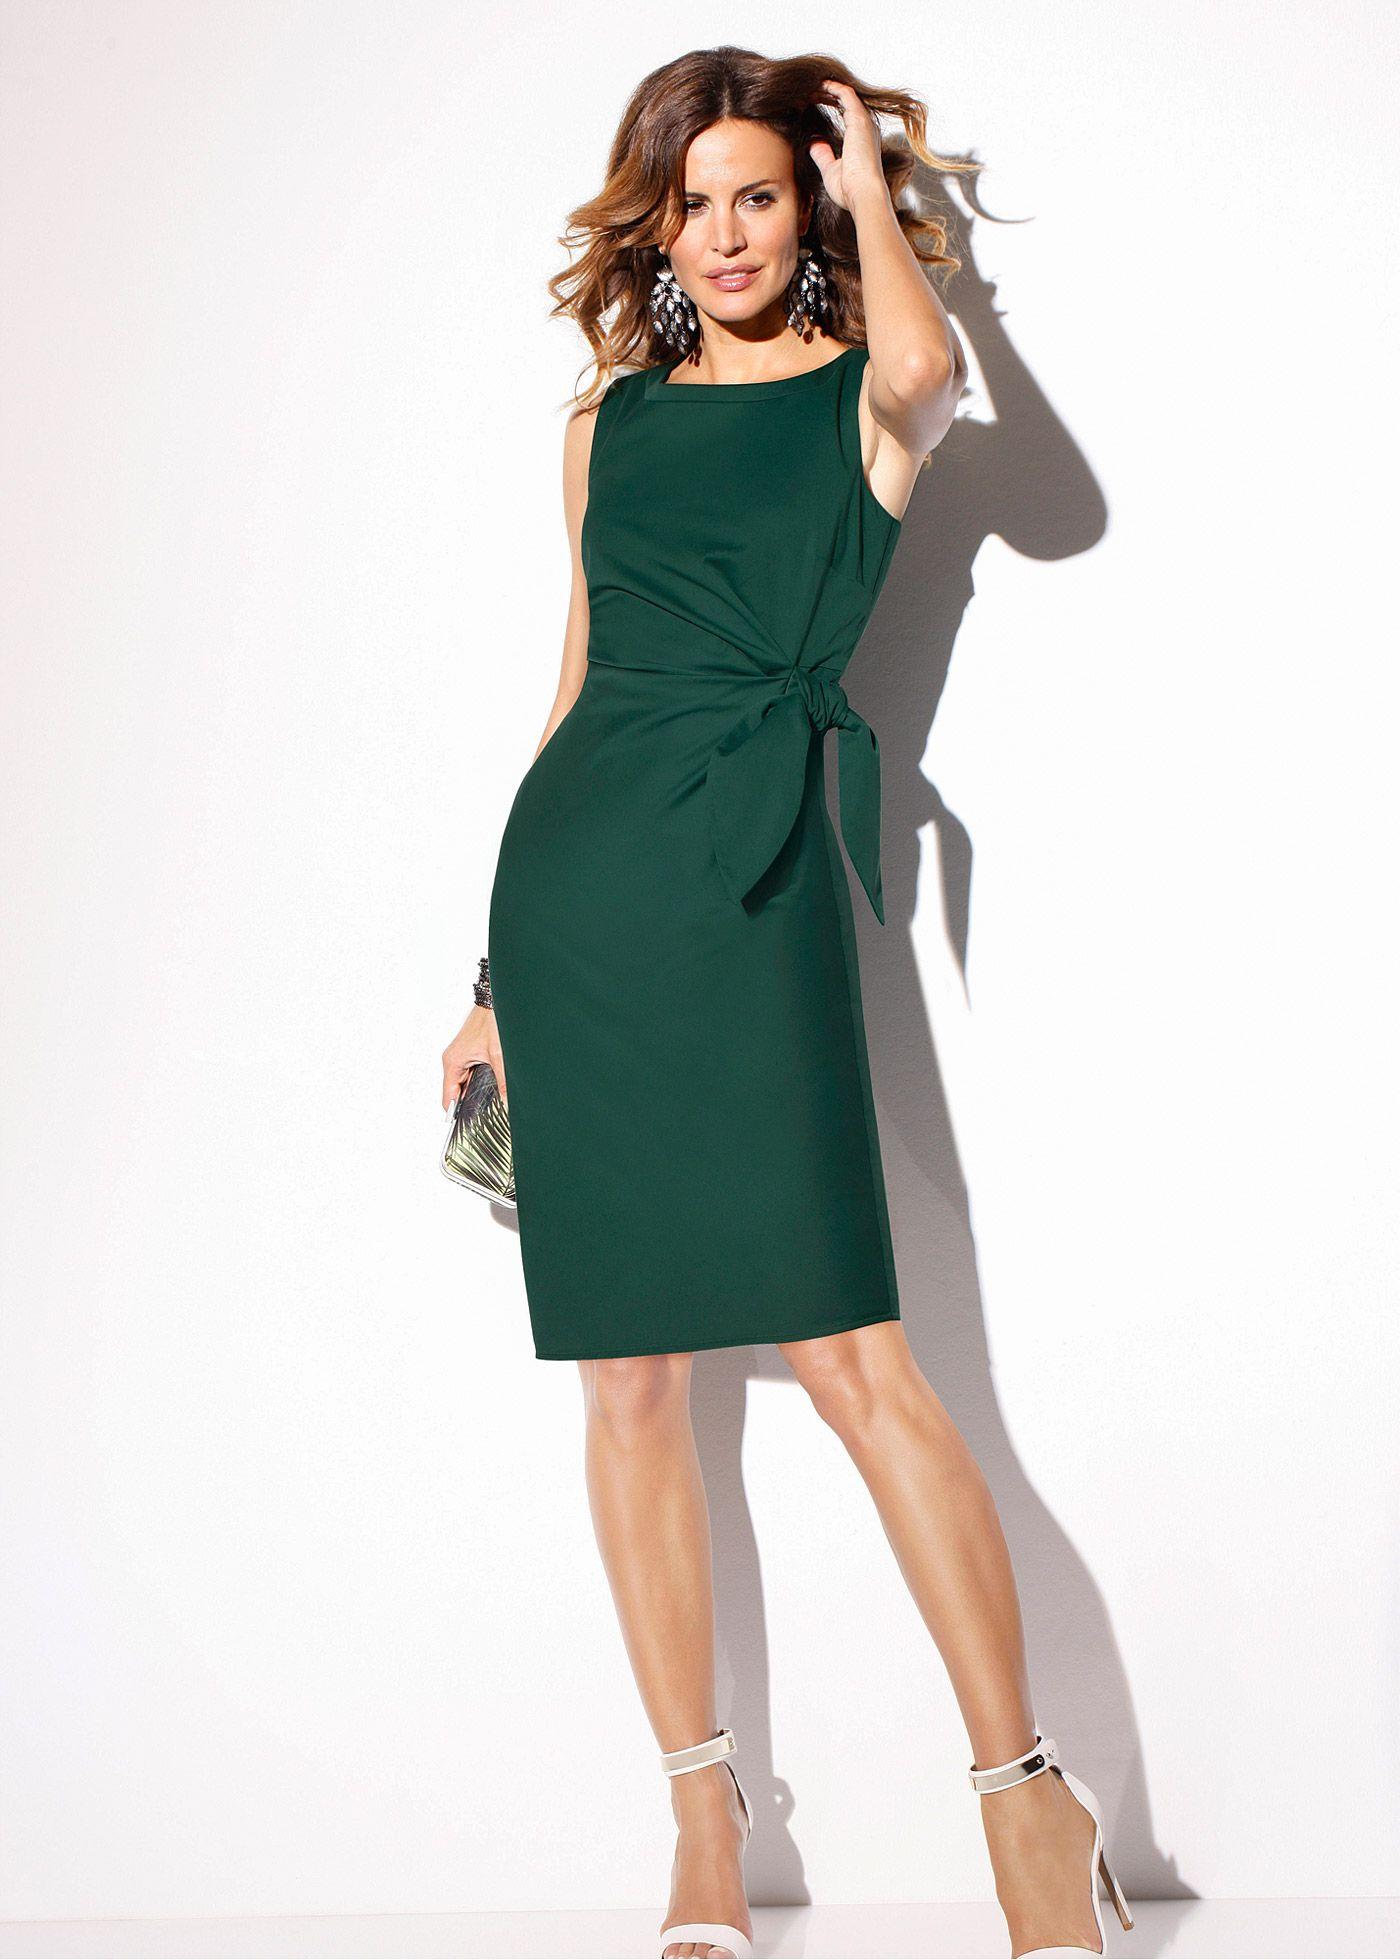 1051c383a5 Vestido tubinho verde escuro encomendar agora na loja on-line bonprix.de R   119